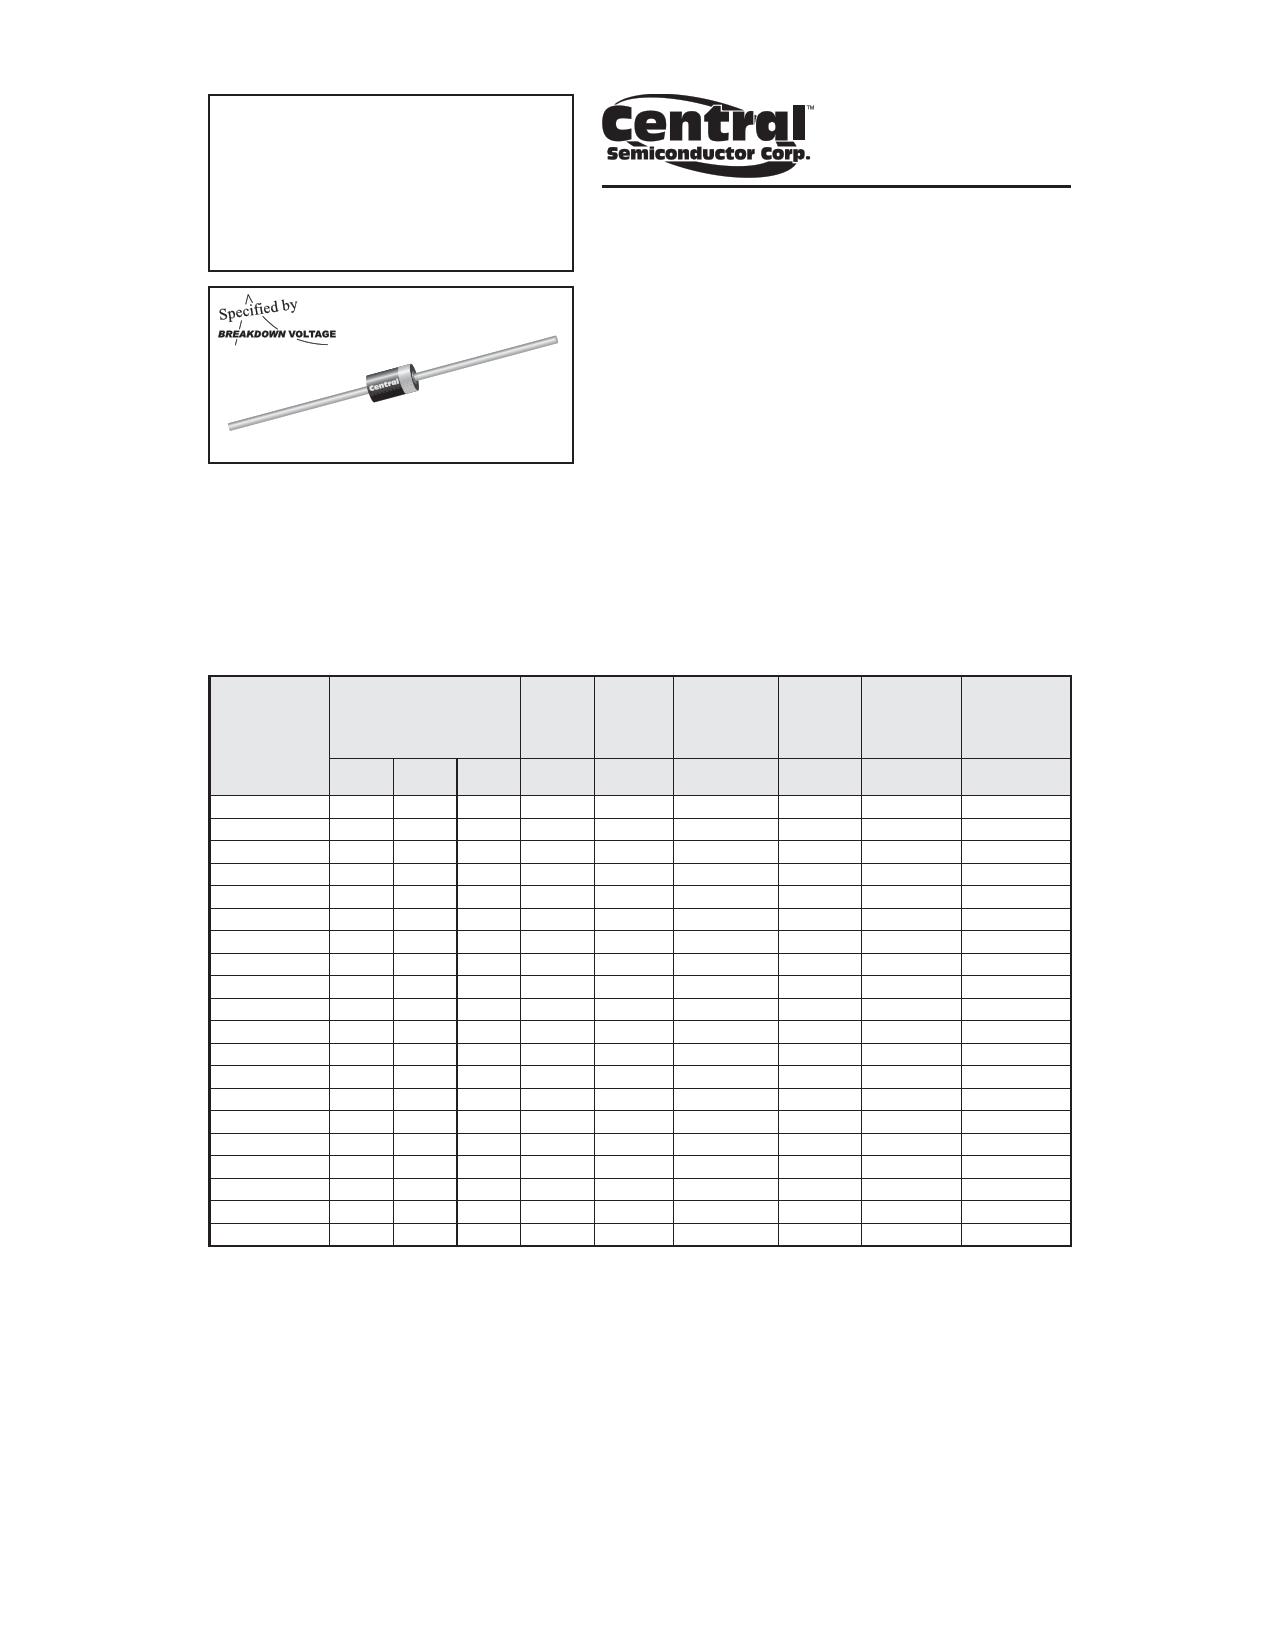 1.5CE20CA datasheet